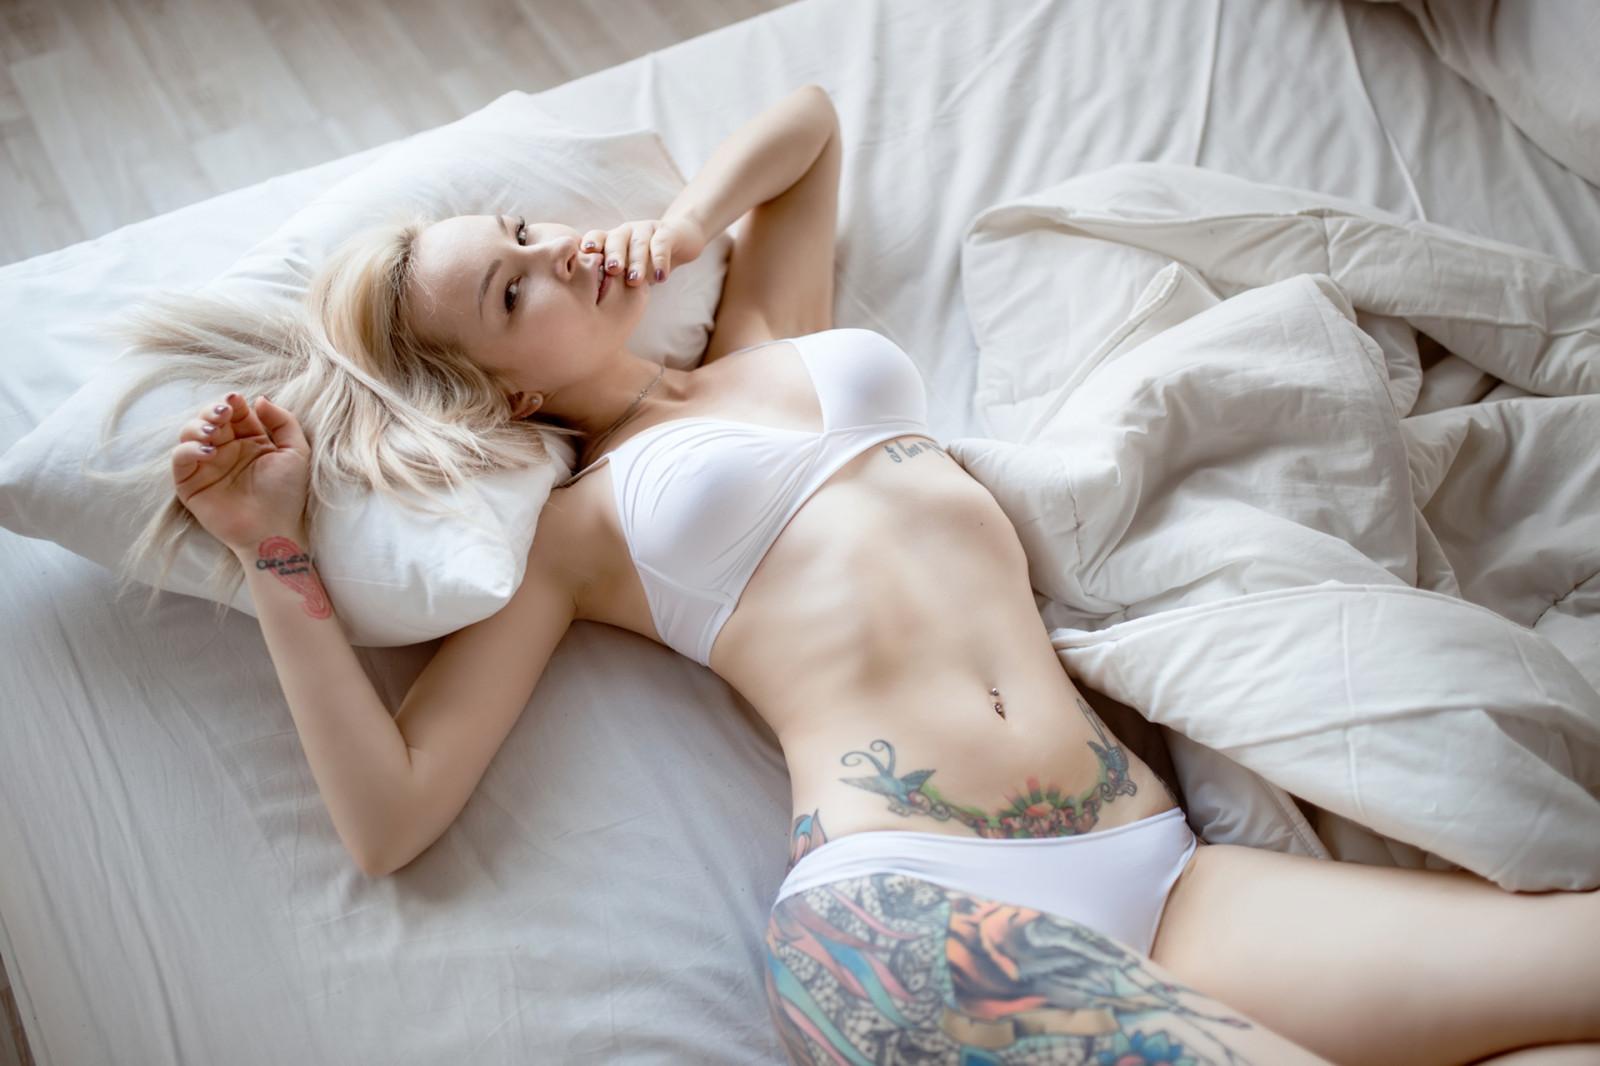 foto-blondinka-lezhit-na-zhivote-begunyu-trahayut-nemnogo